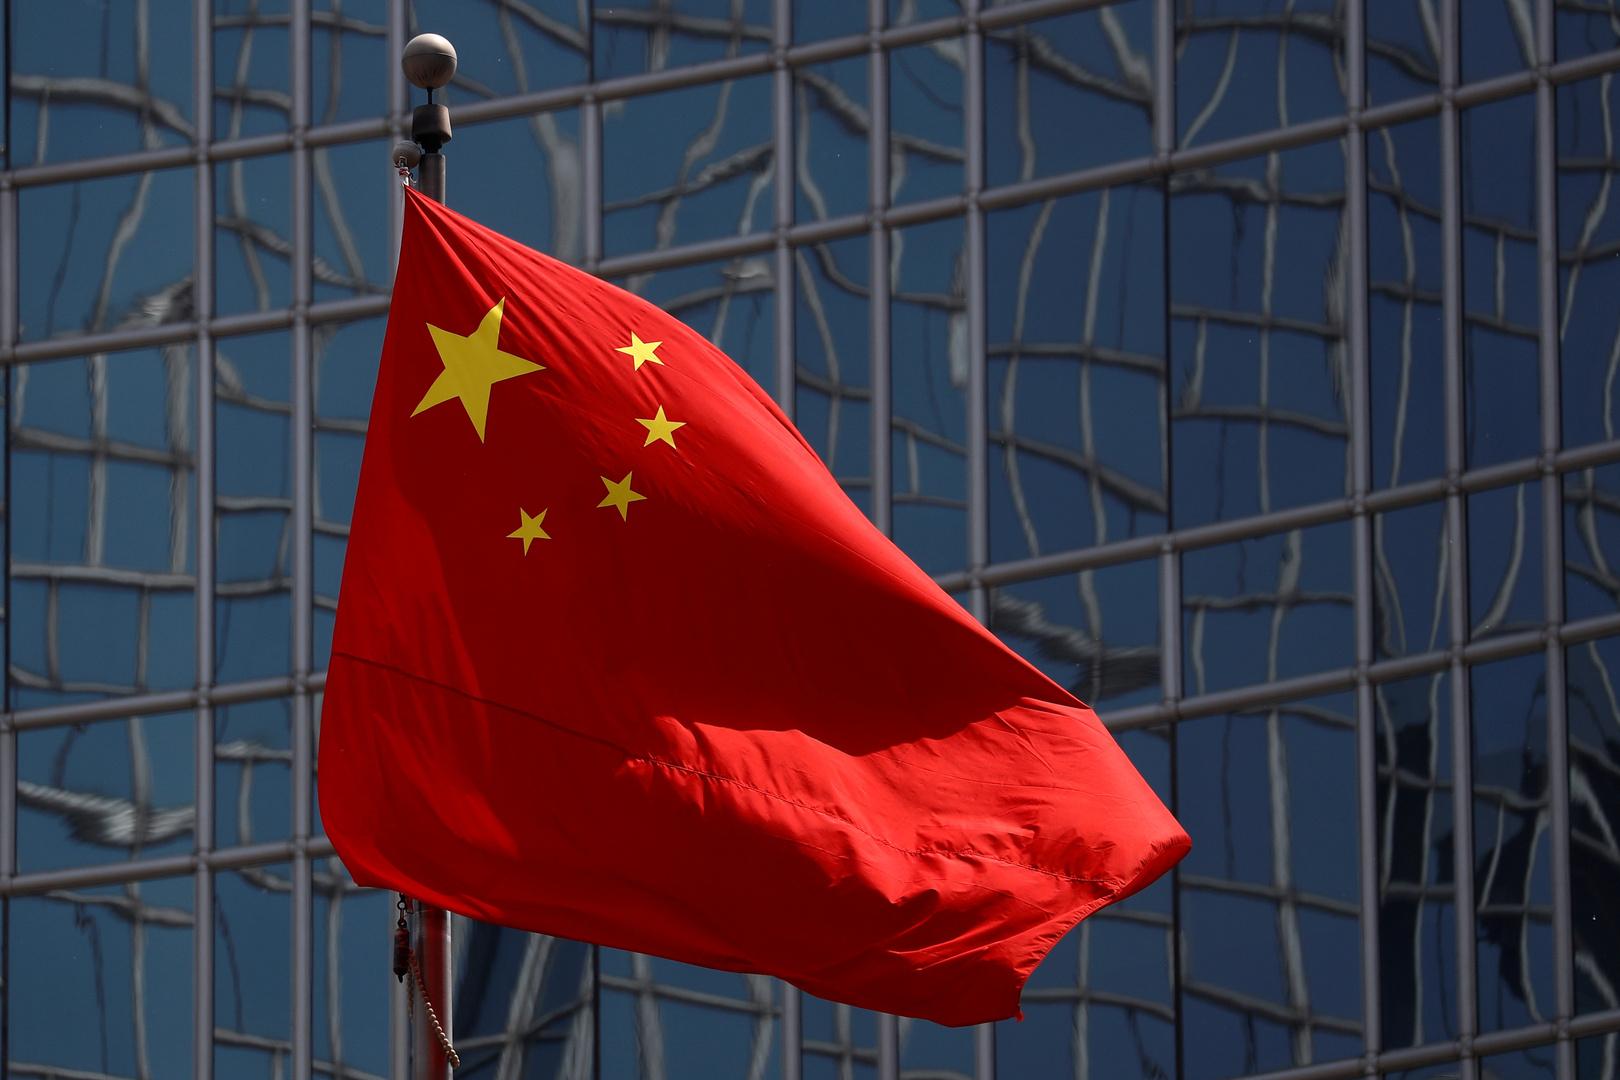 الصين تمهل ستة منافذ إعلامية أمريكية أسبوعا للإقرار بعملياتها